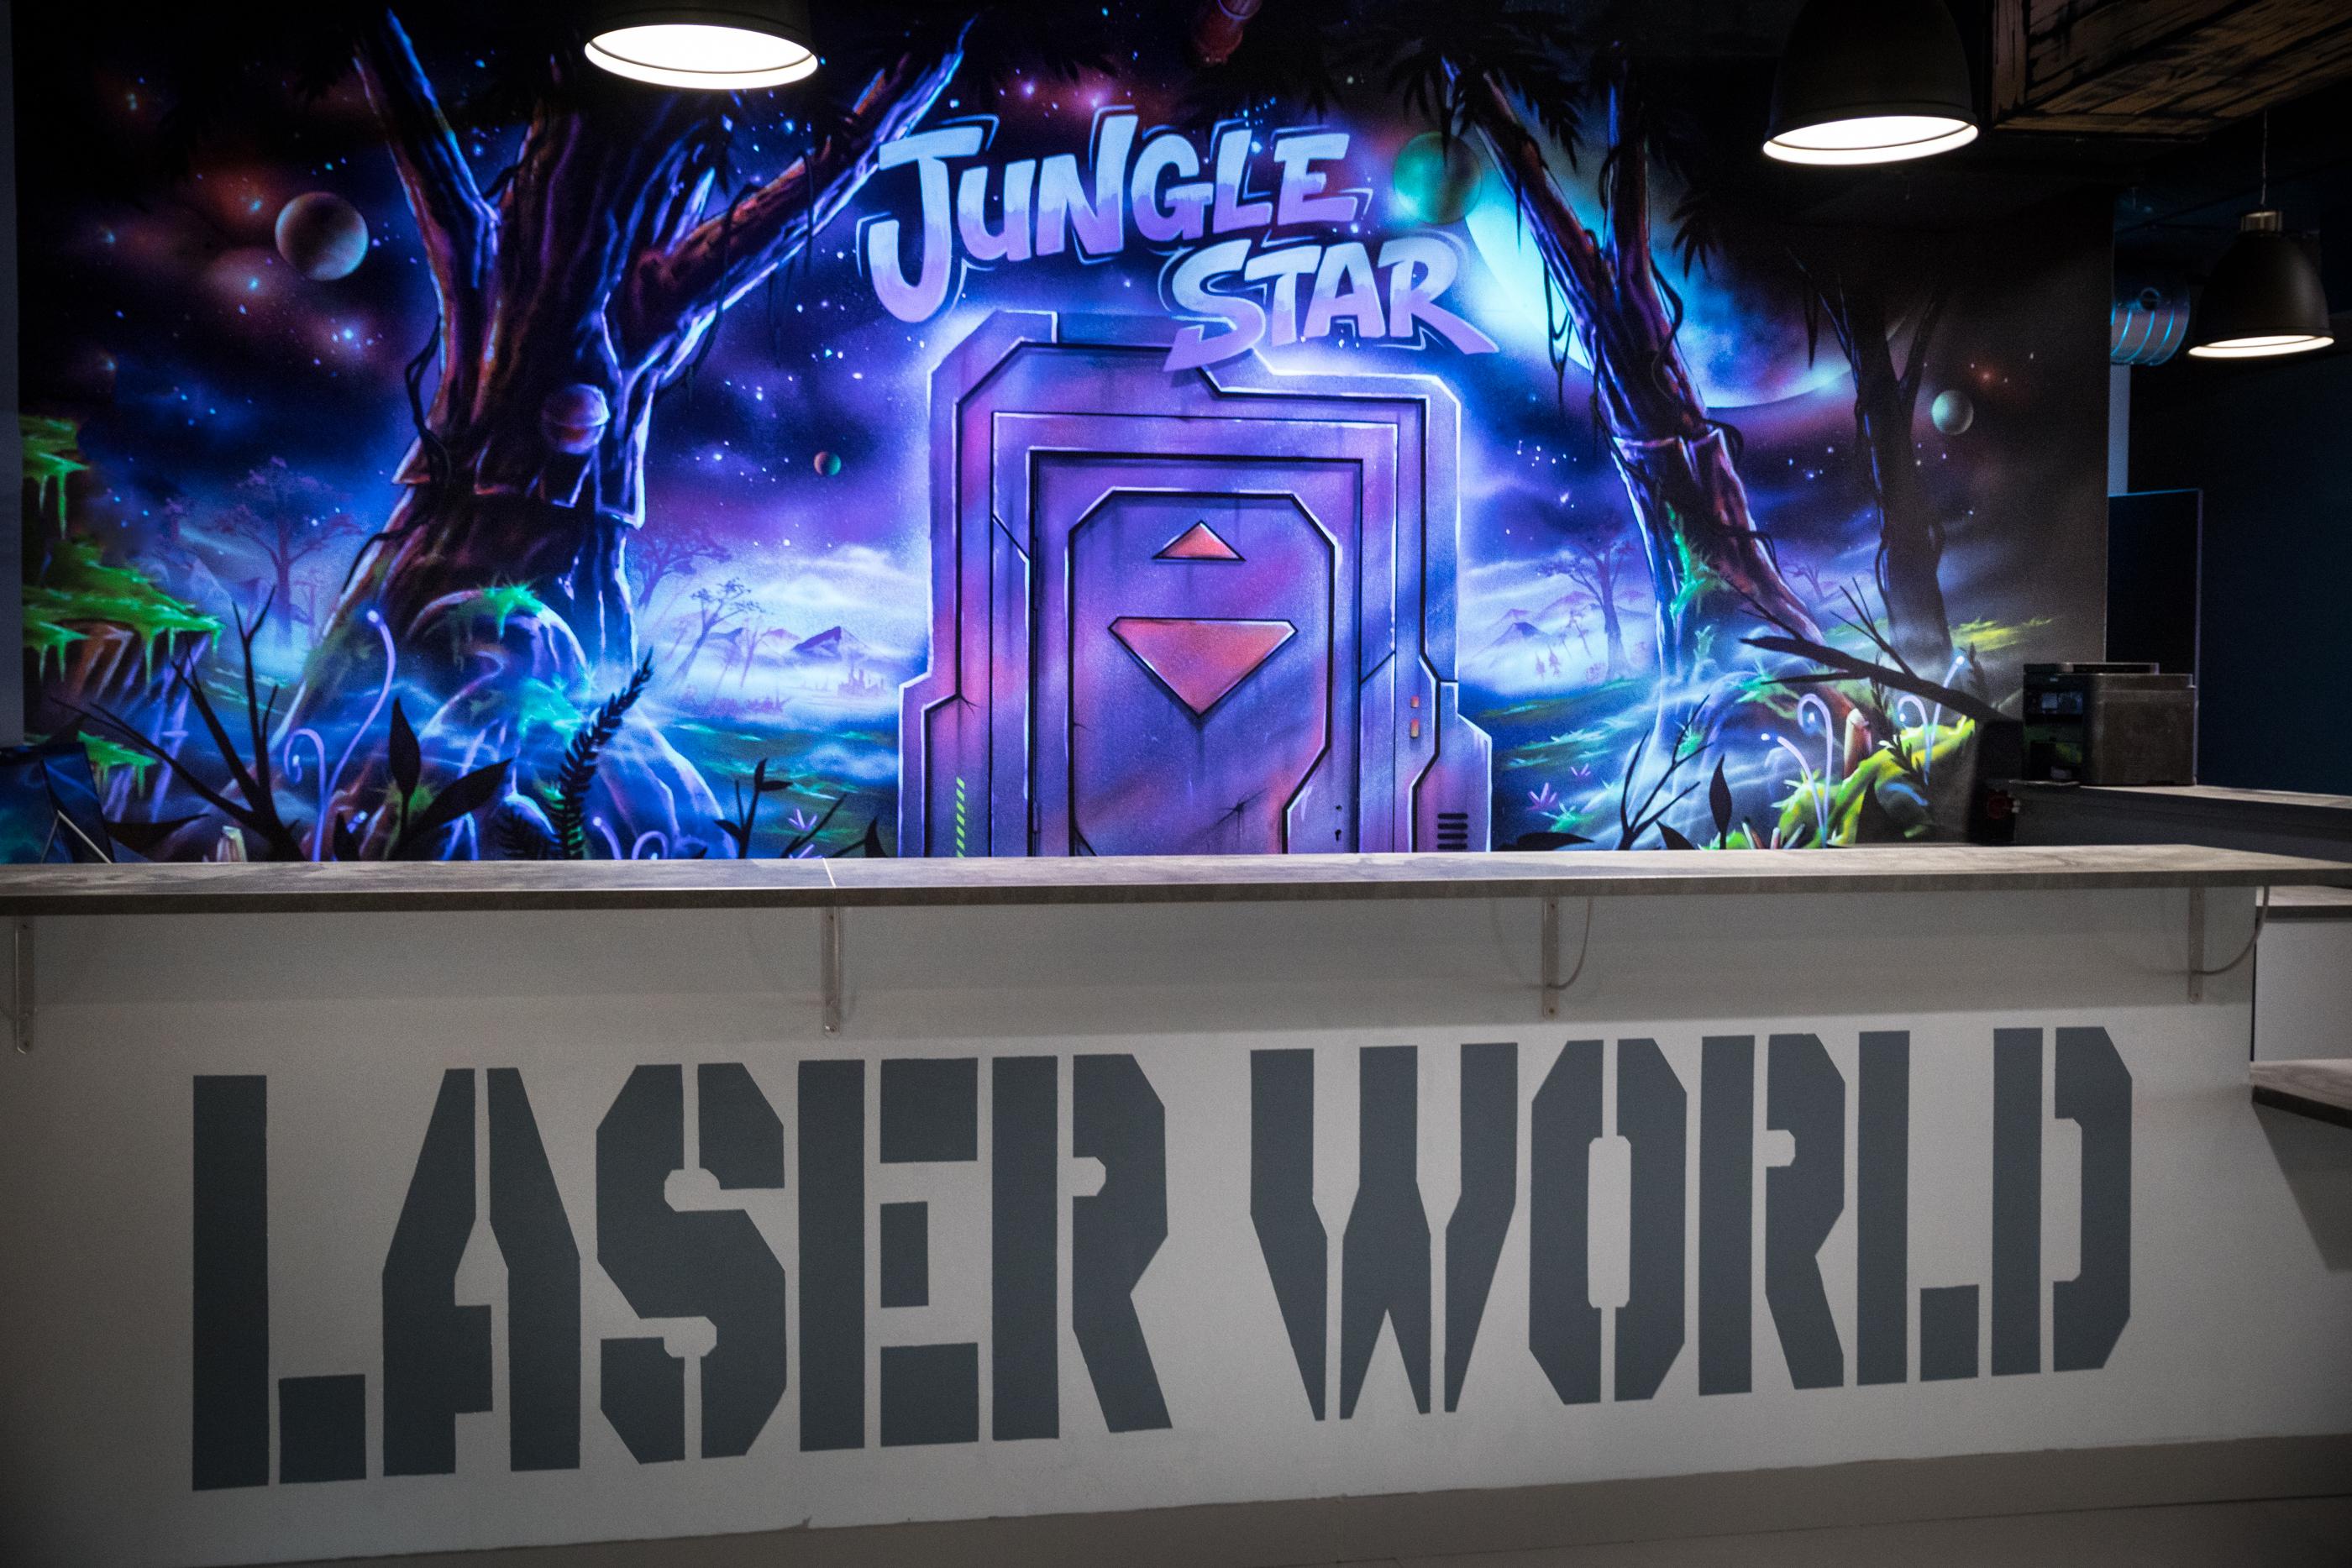 Laser world Arcueil